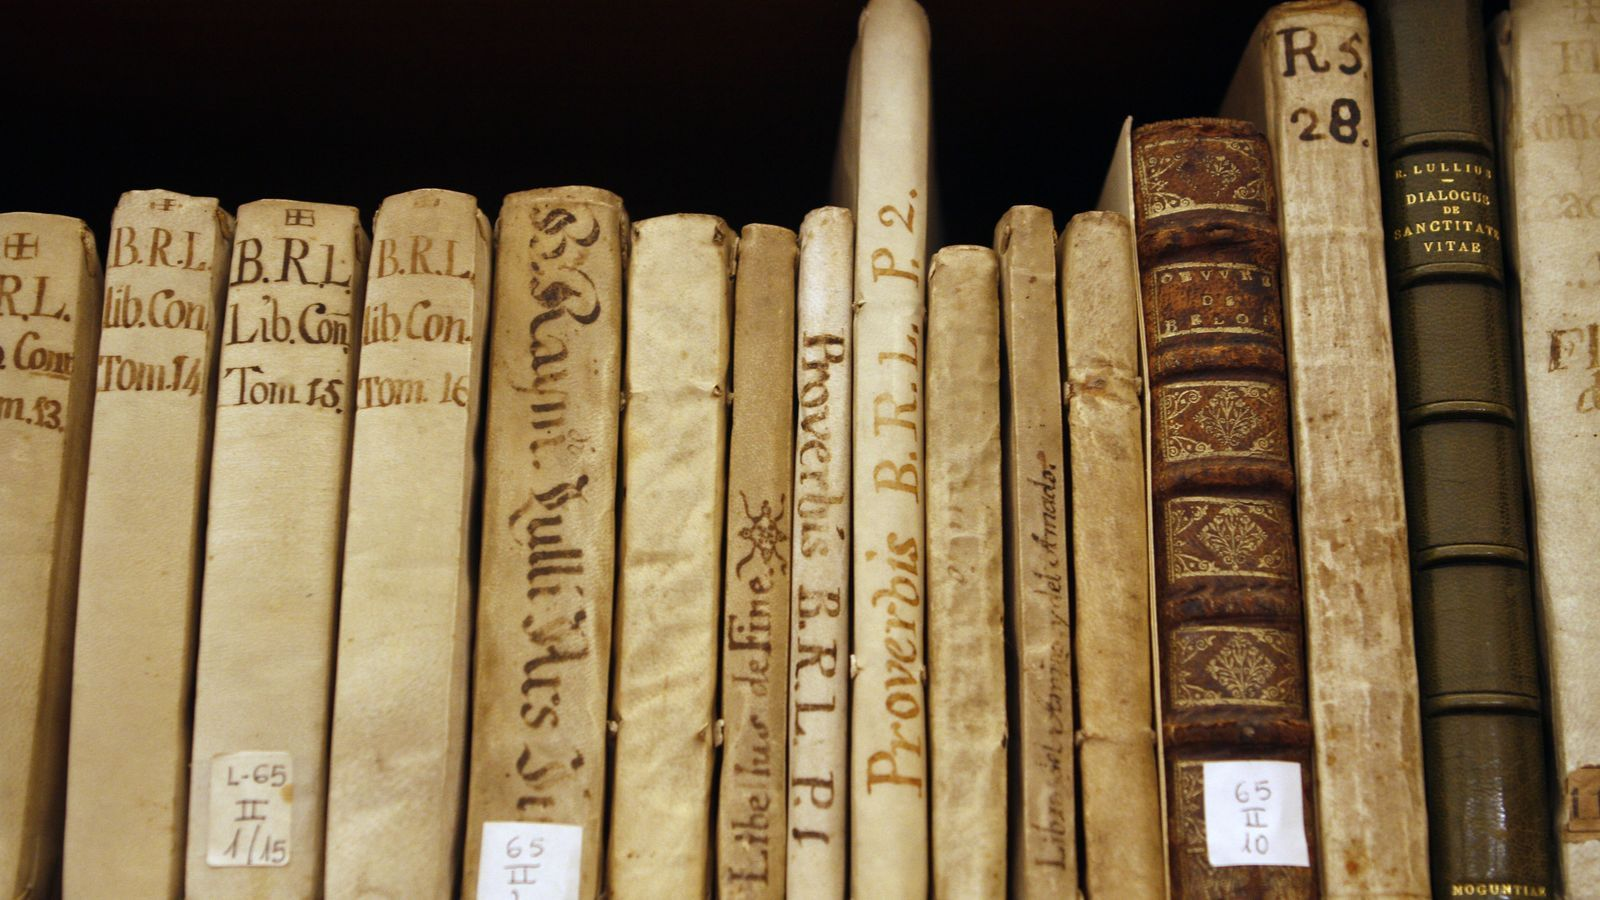 Llibres de Ramon Llull a la biblioteca del Palau March de Palma.